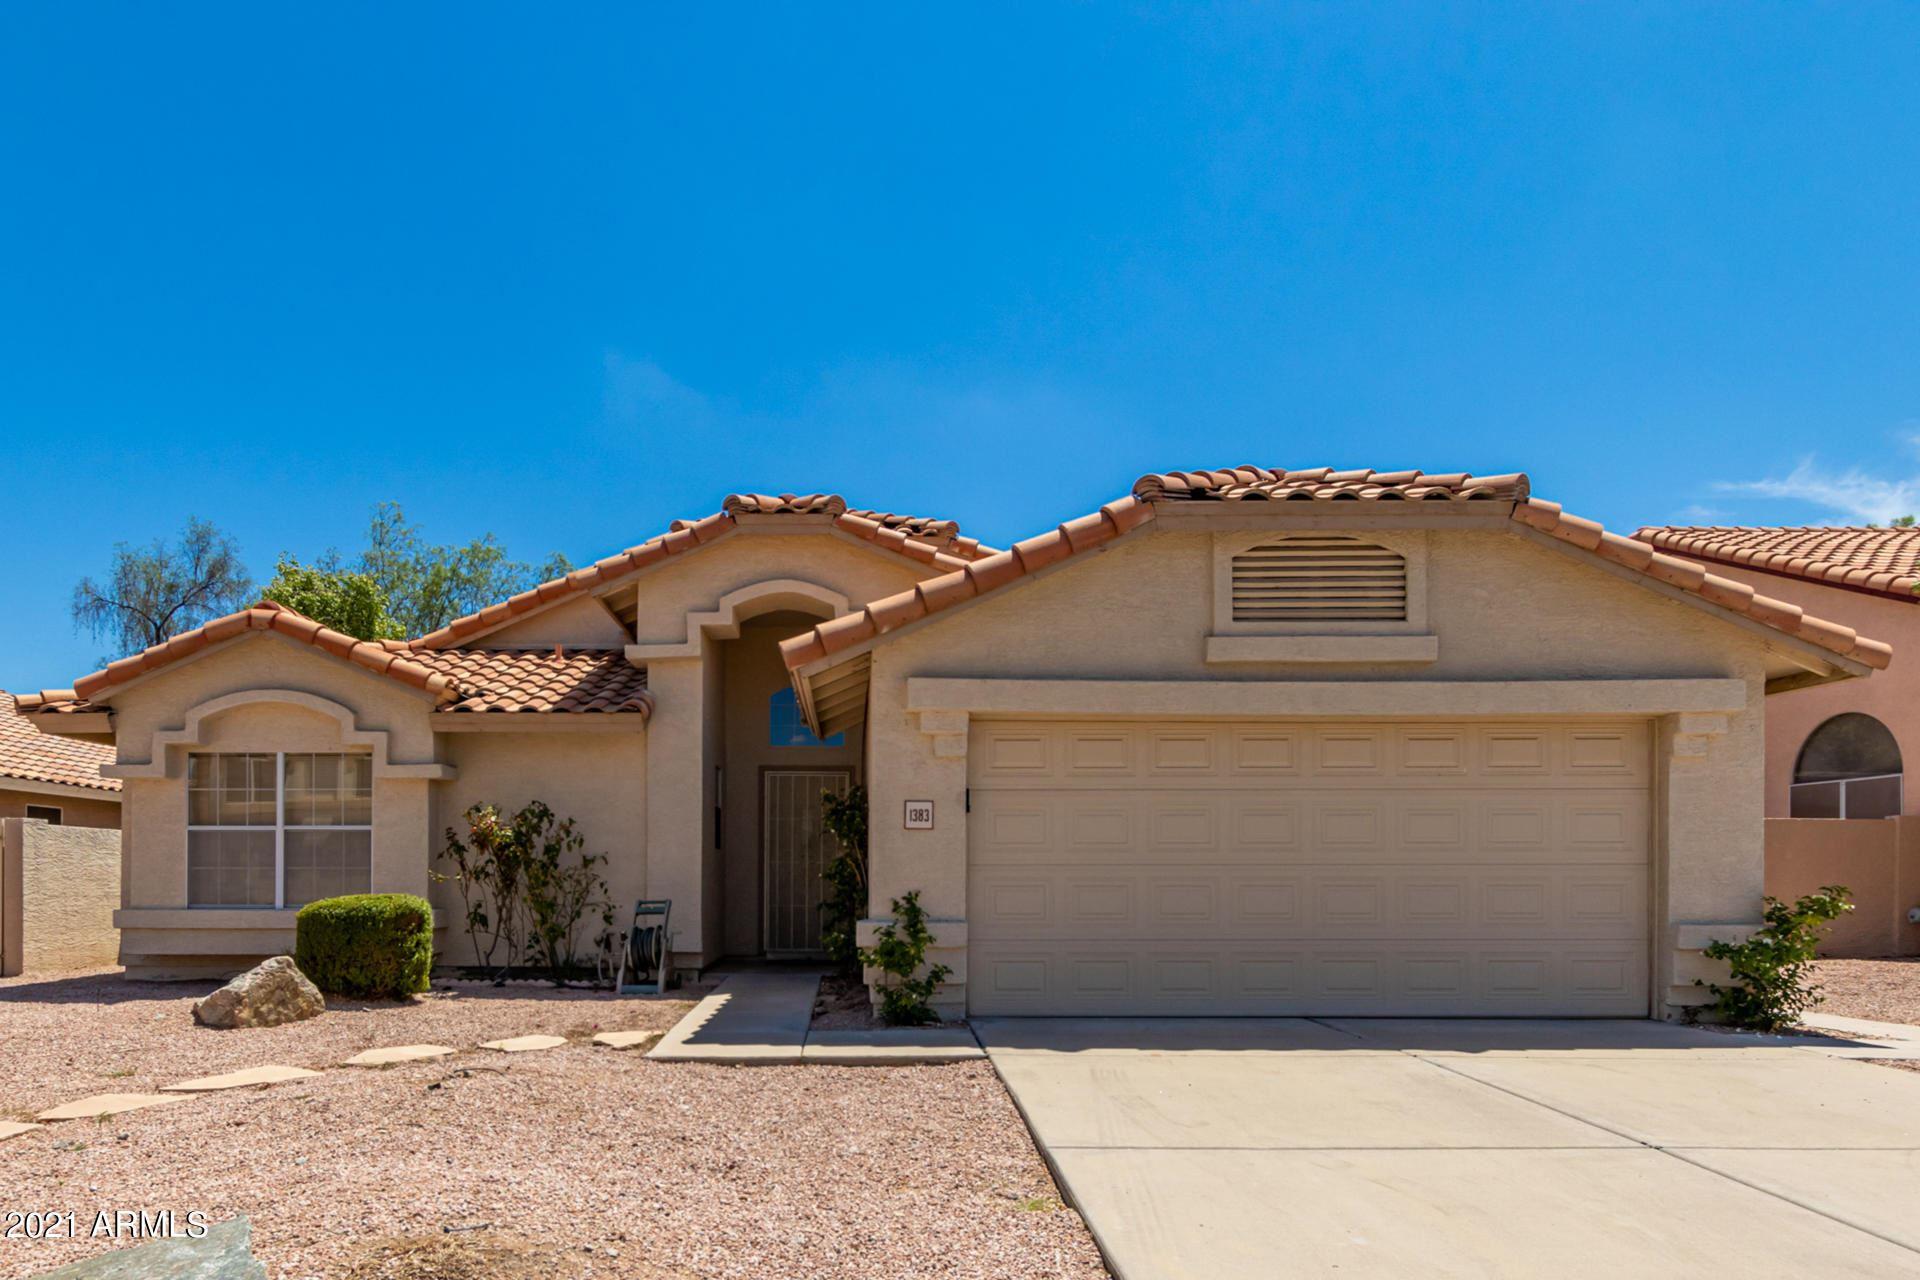 Photo of 1383 W MARIA Lane, Tempe, AZ 85284 (MLS # 6272295)